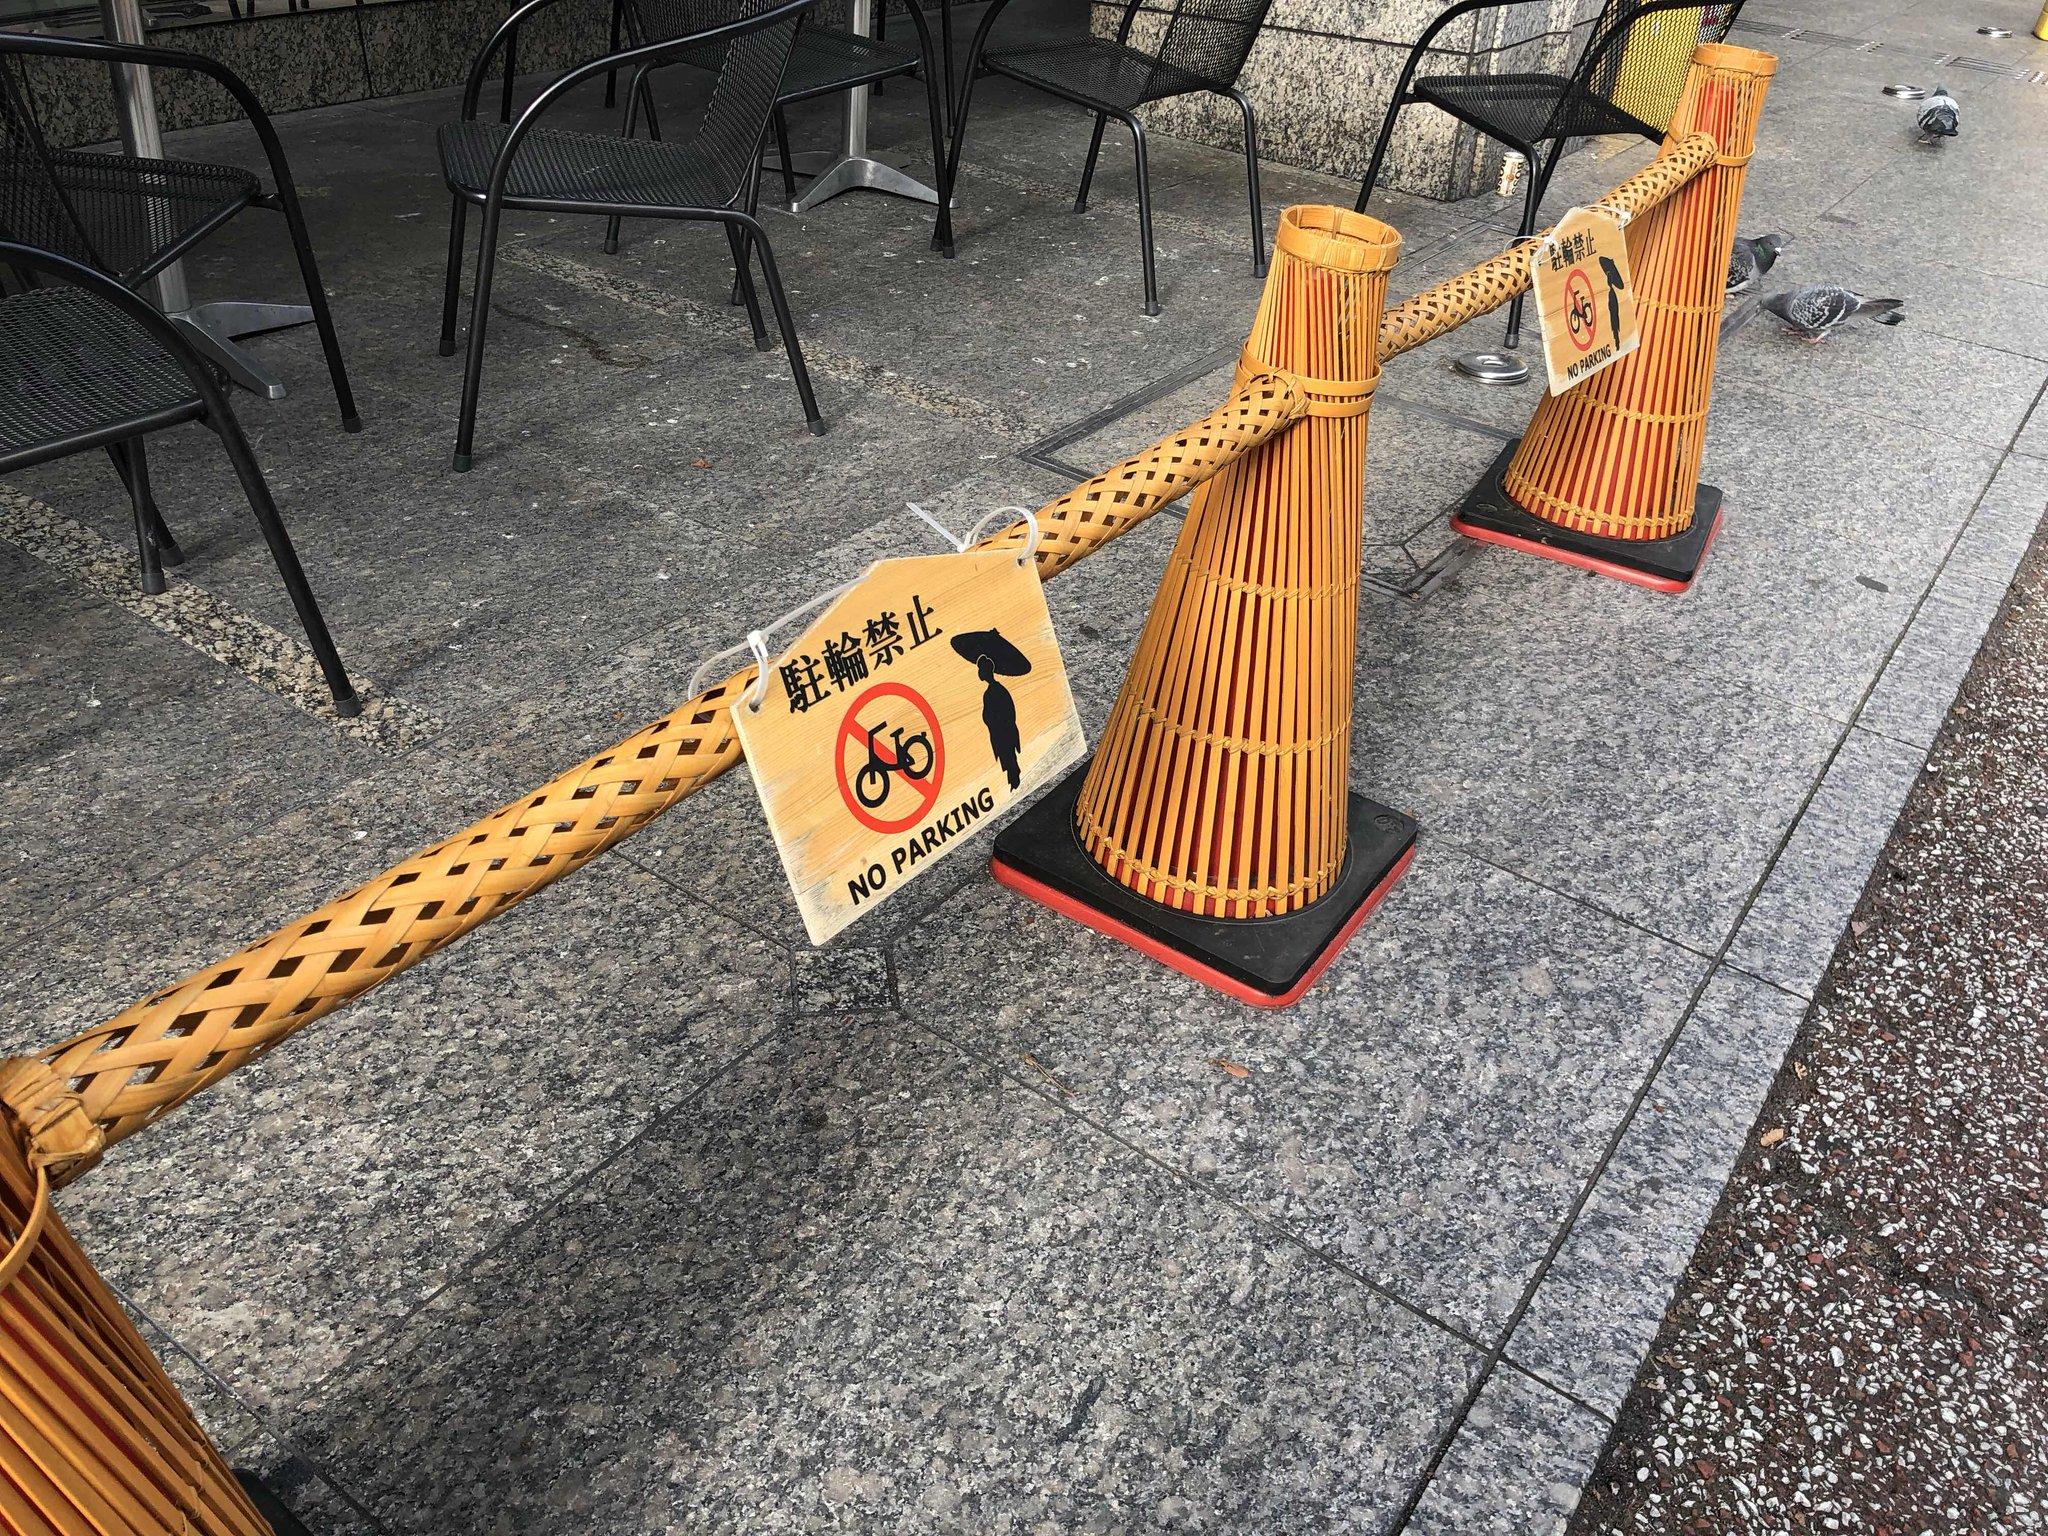 京都の三角コーン、本当にお洒落すぎるし1つは家に置いときたいよなって友人に言ったら家にコーンを置く置かないって思考がまず終わってると思うって言われたし自分でも終わってると思った。